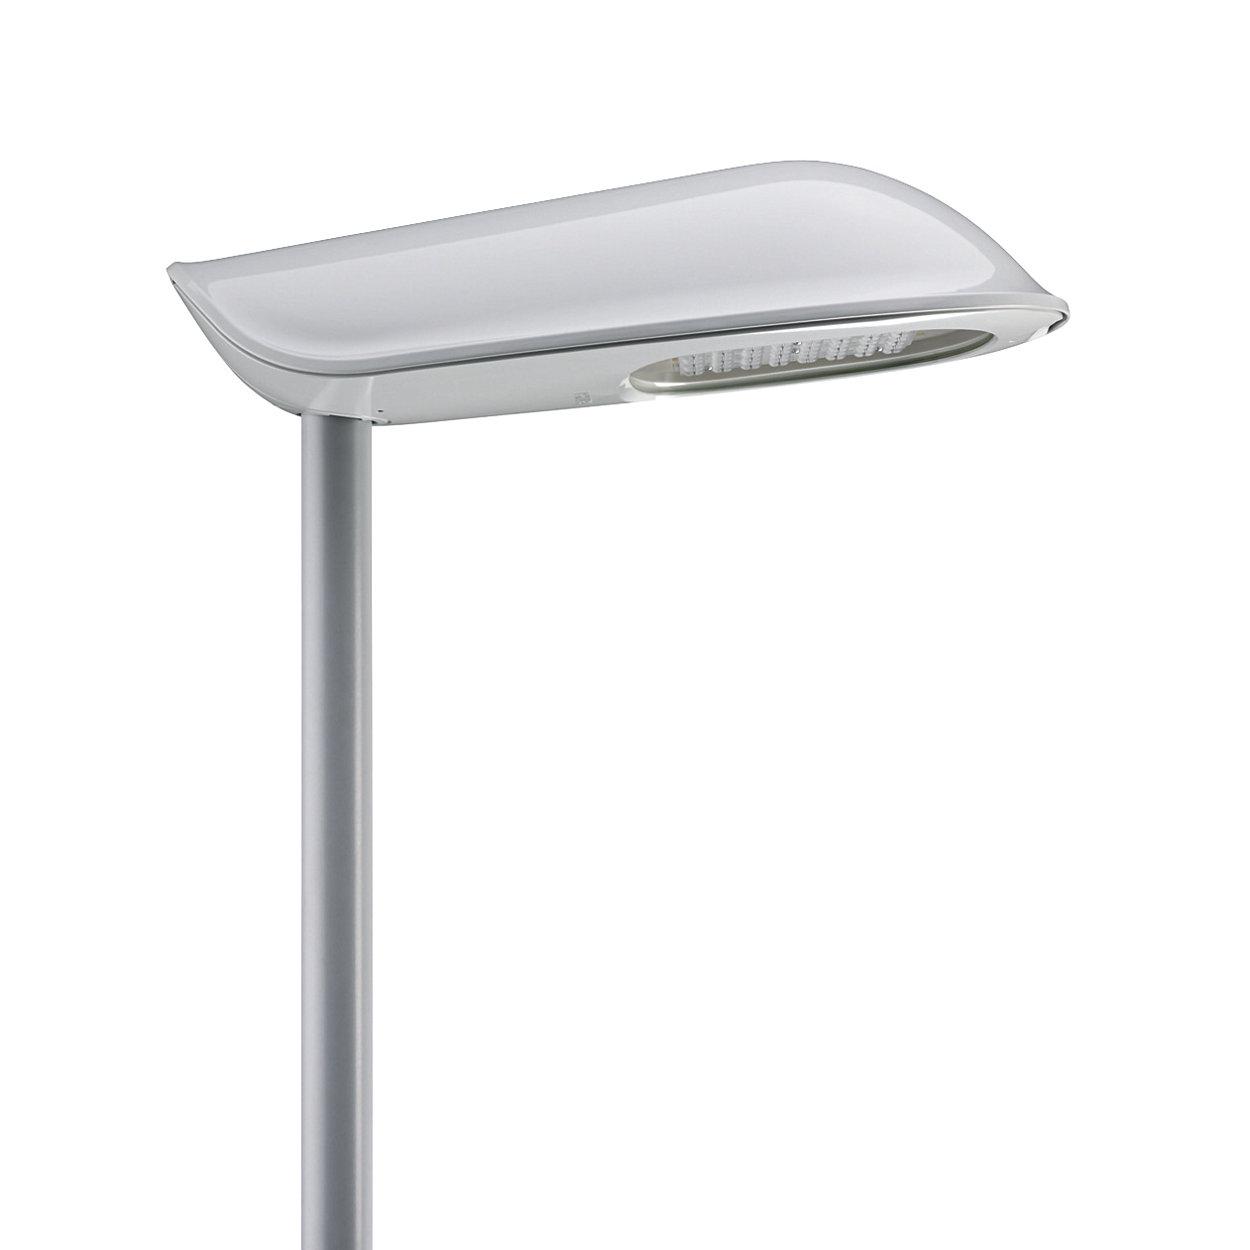 Iridium² LEDGINE – lighting the road ahead